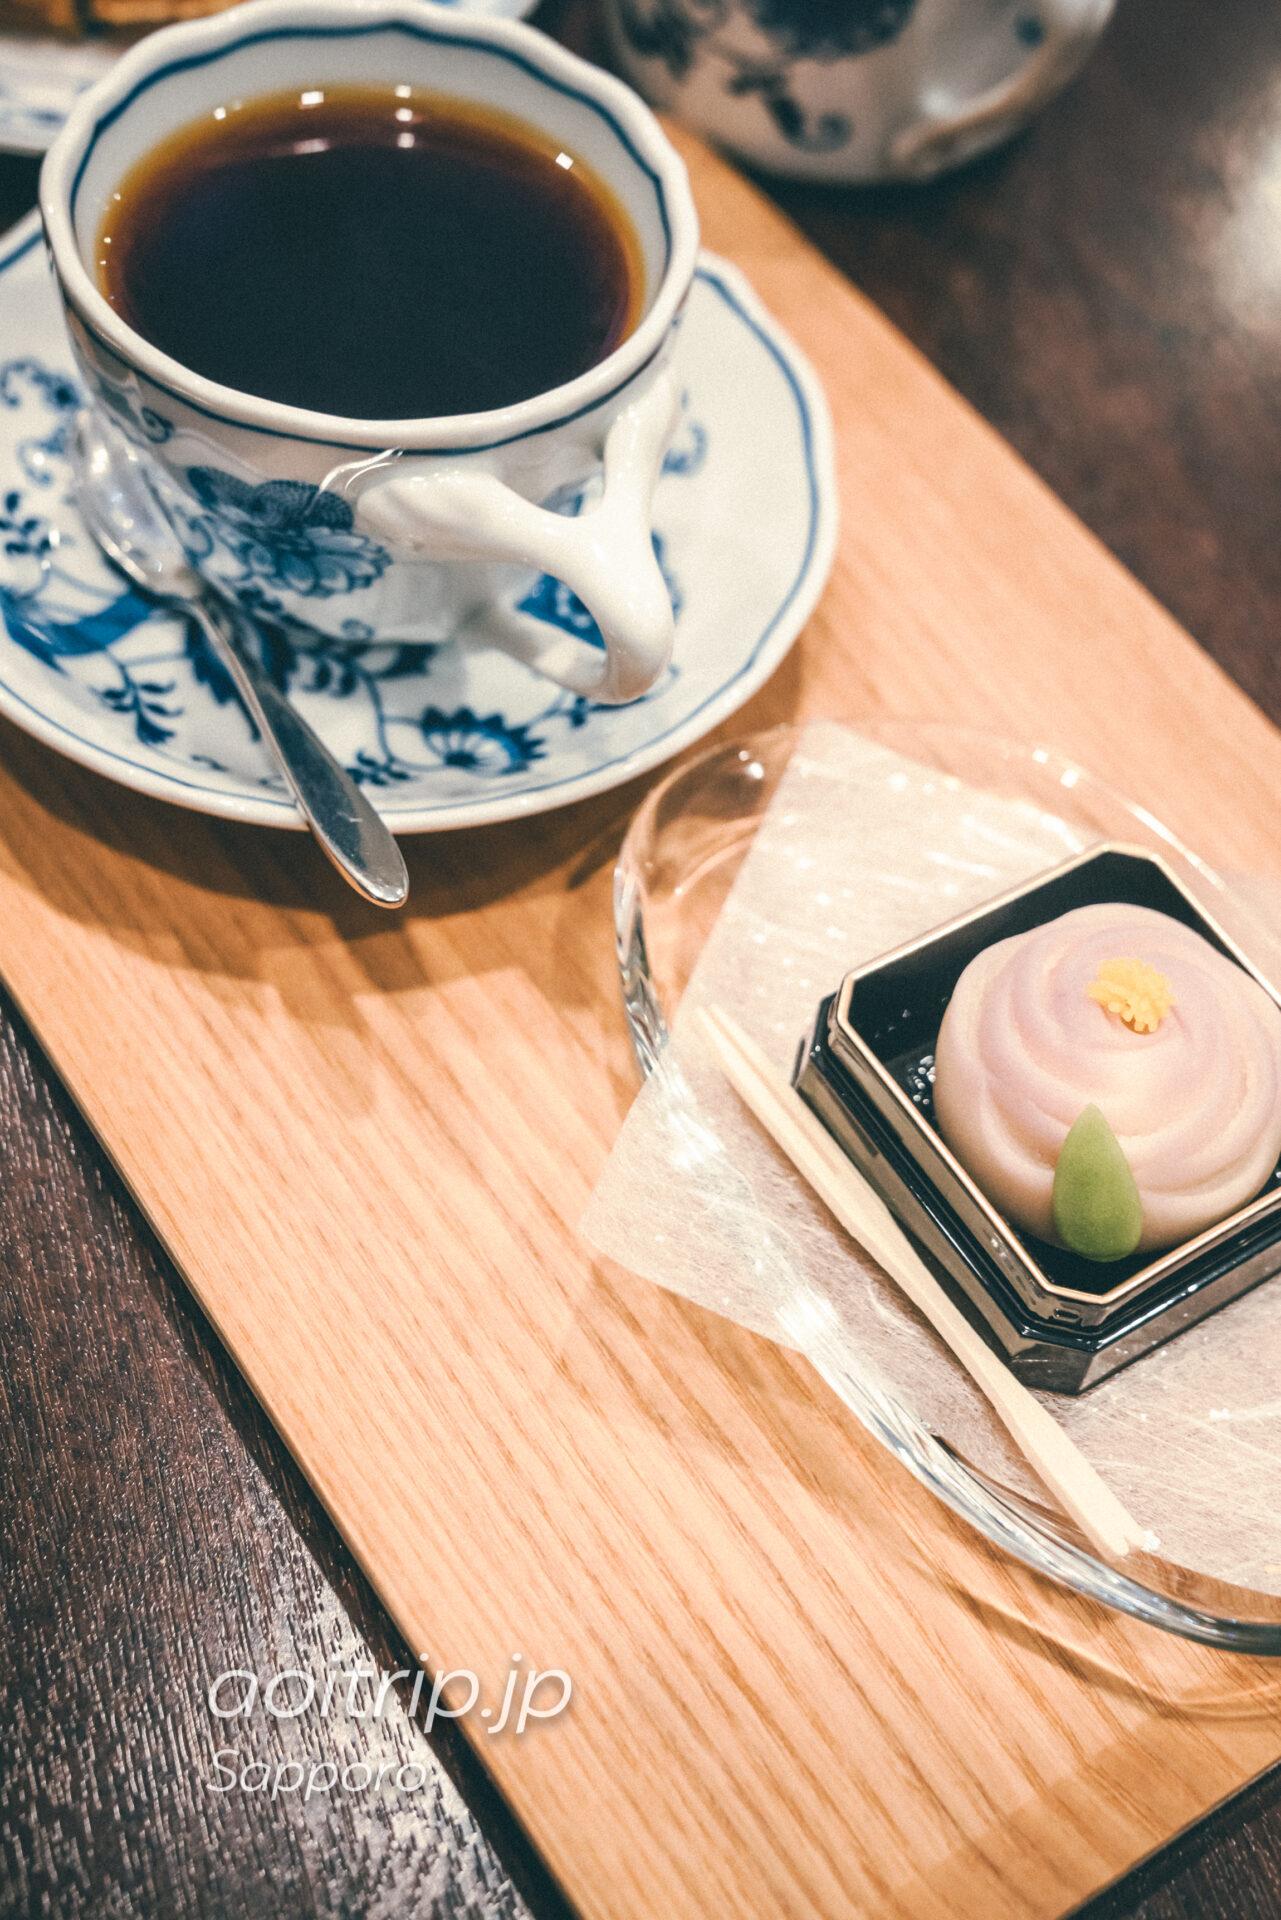 丸美珈琲店 Marumi Coffee